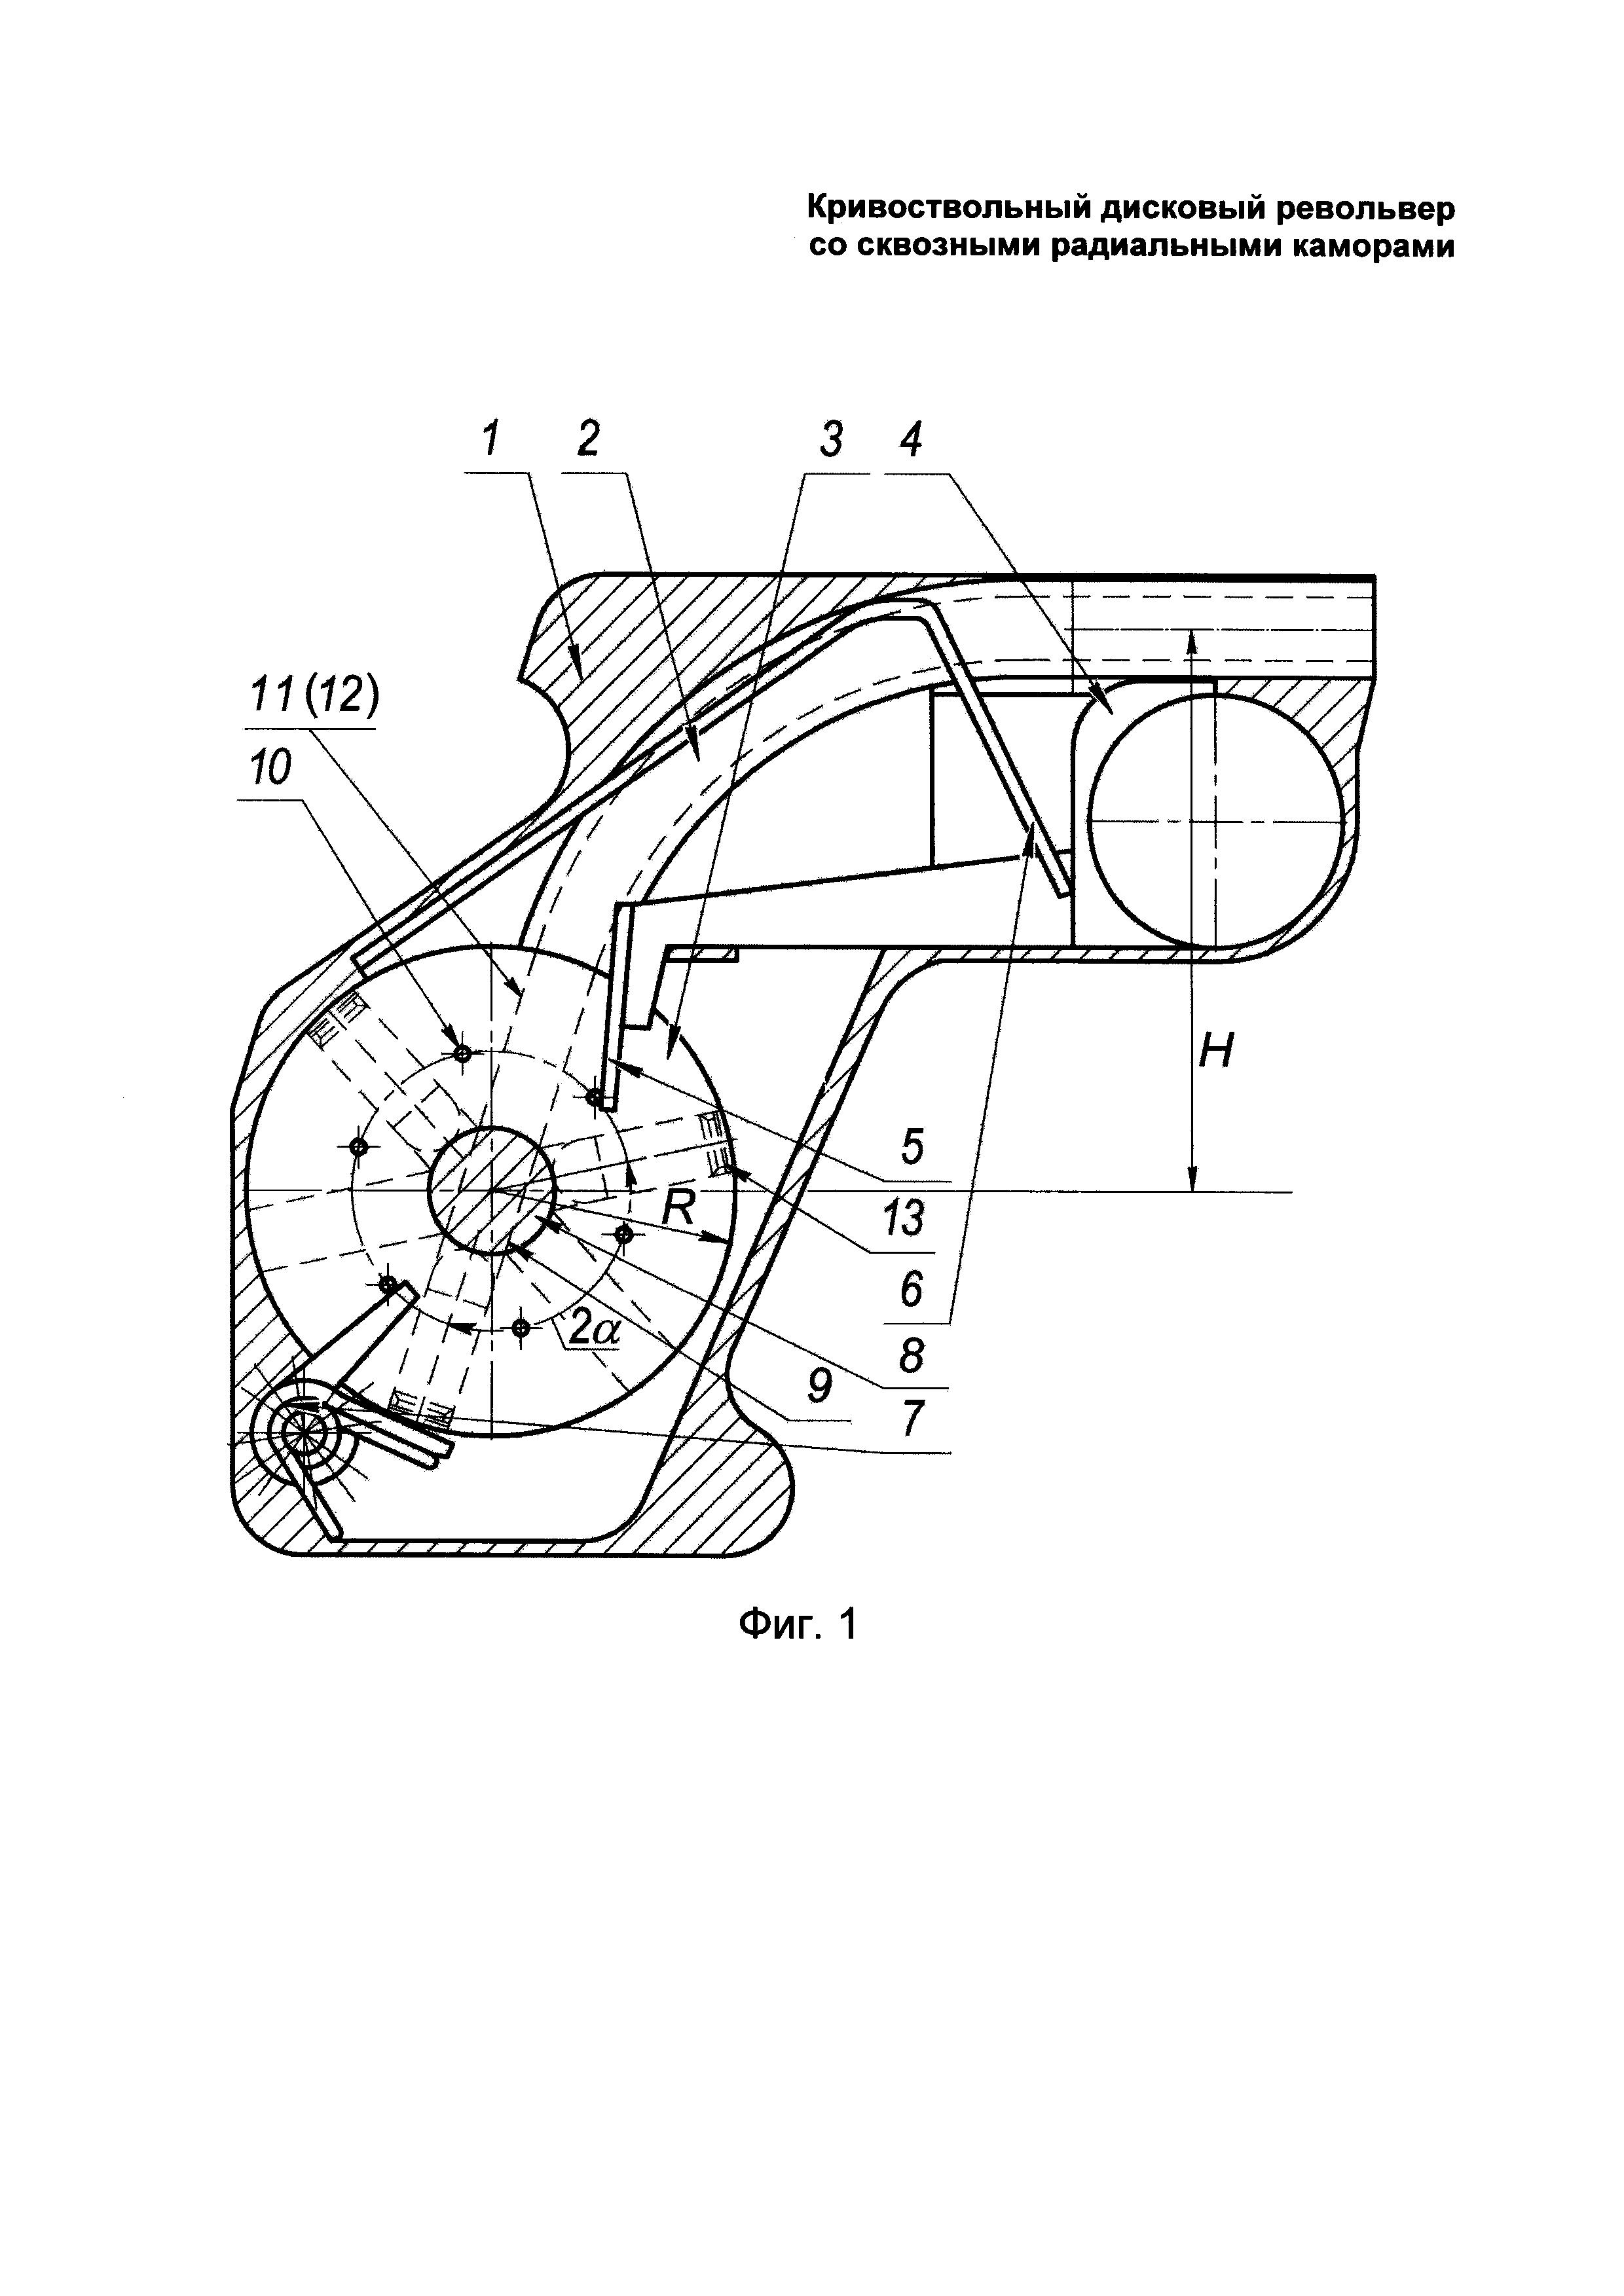 Кривоствольный дисковый револьвер со сквозными радиальными каморами